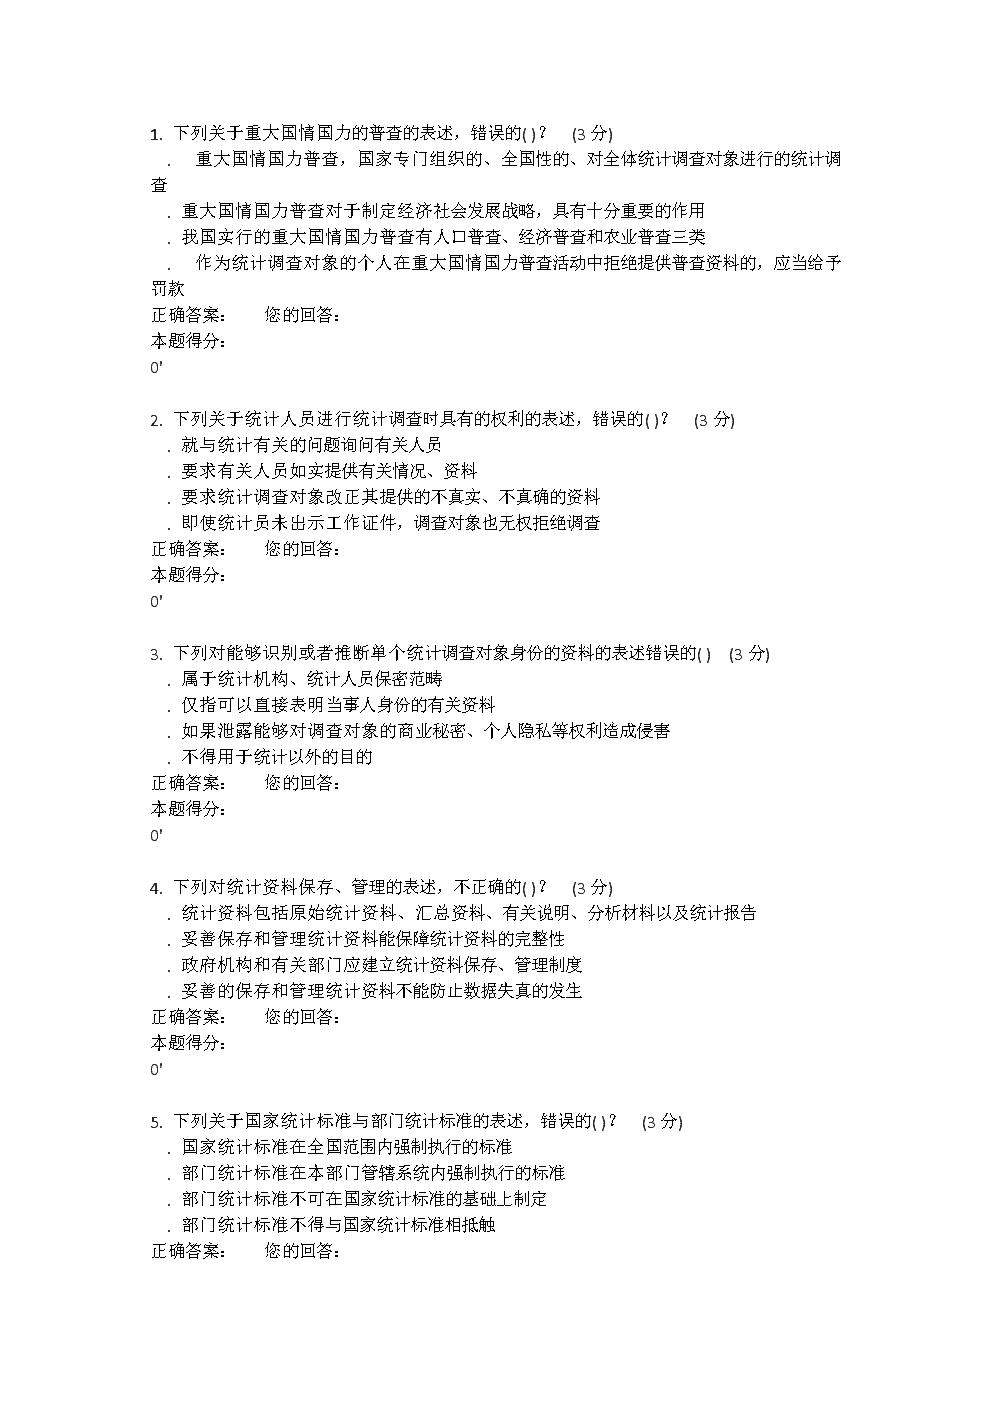 2020年浙江新《统计法》解读题库题目.docx